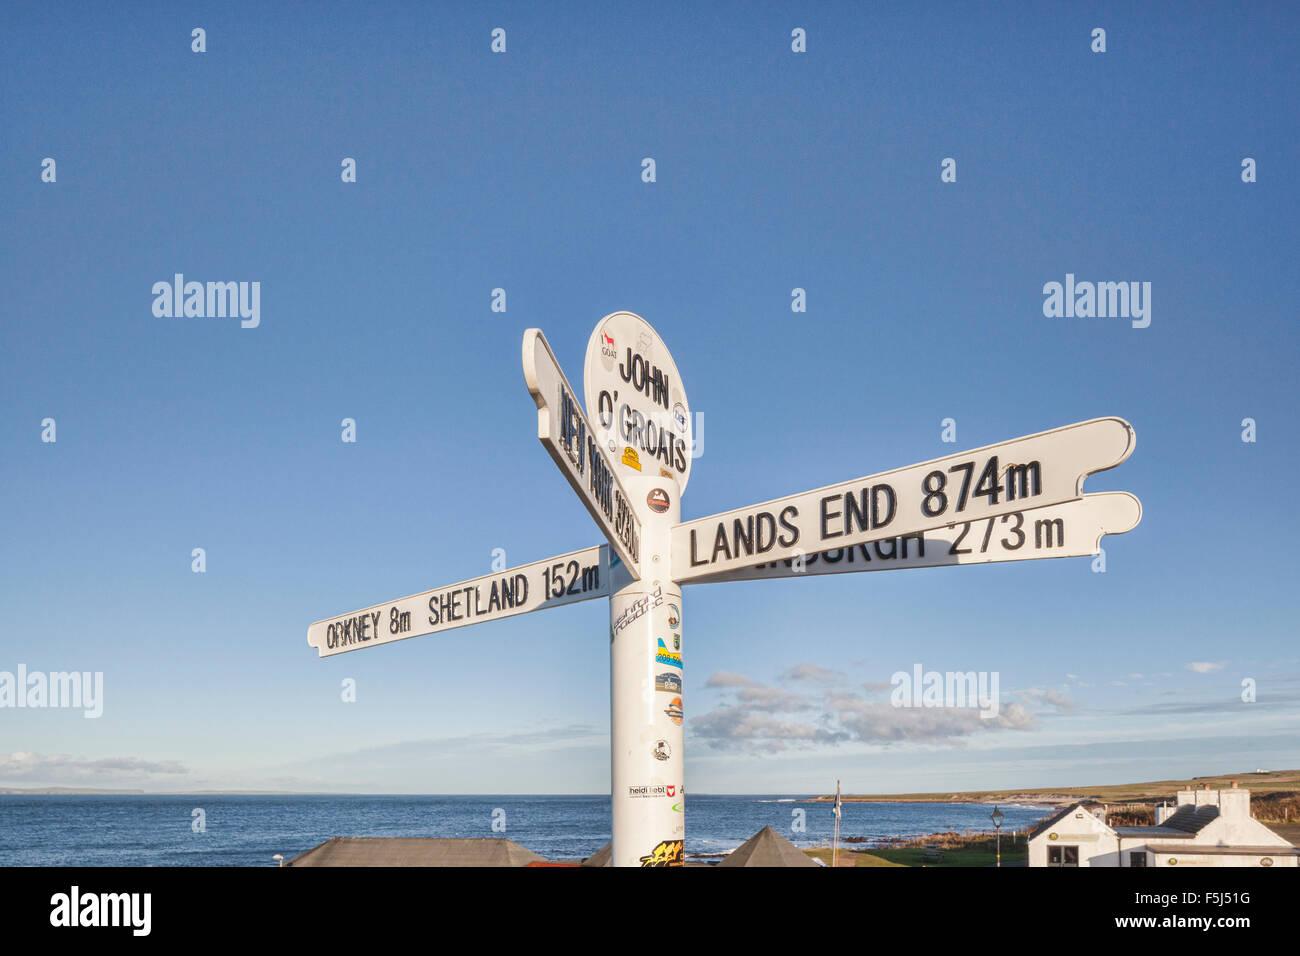 Cartel a John O' Groats, el más lejano nordeste habitado punto de Gran Bretaña. Imagen De Stock